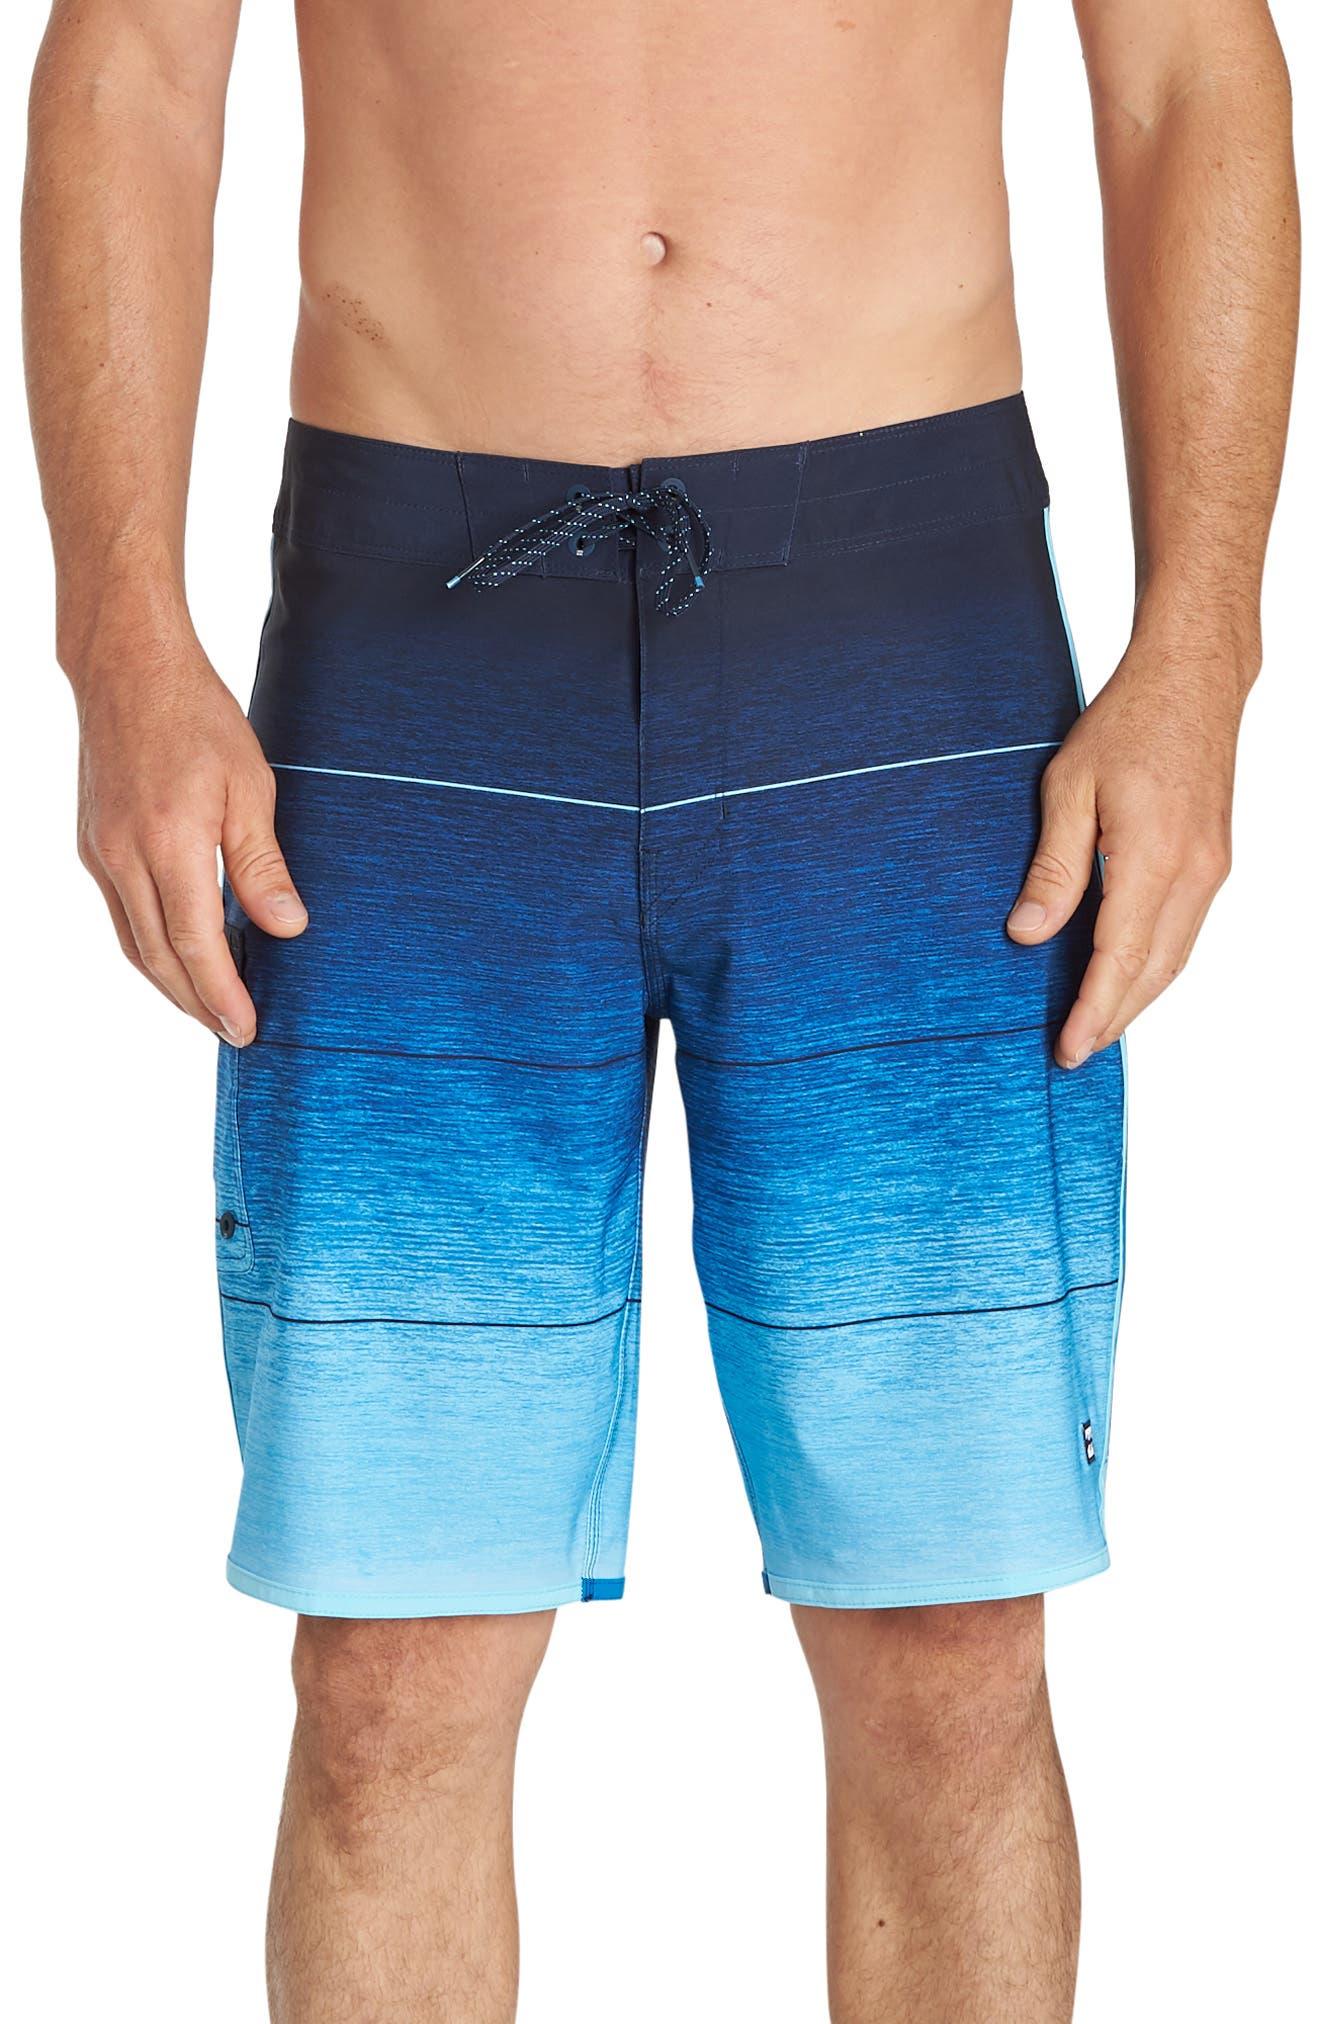 Billabong 73 Pro Board Shorts